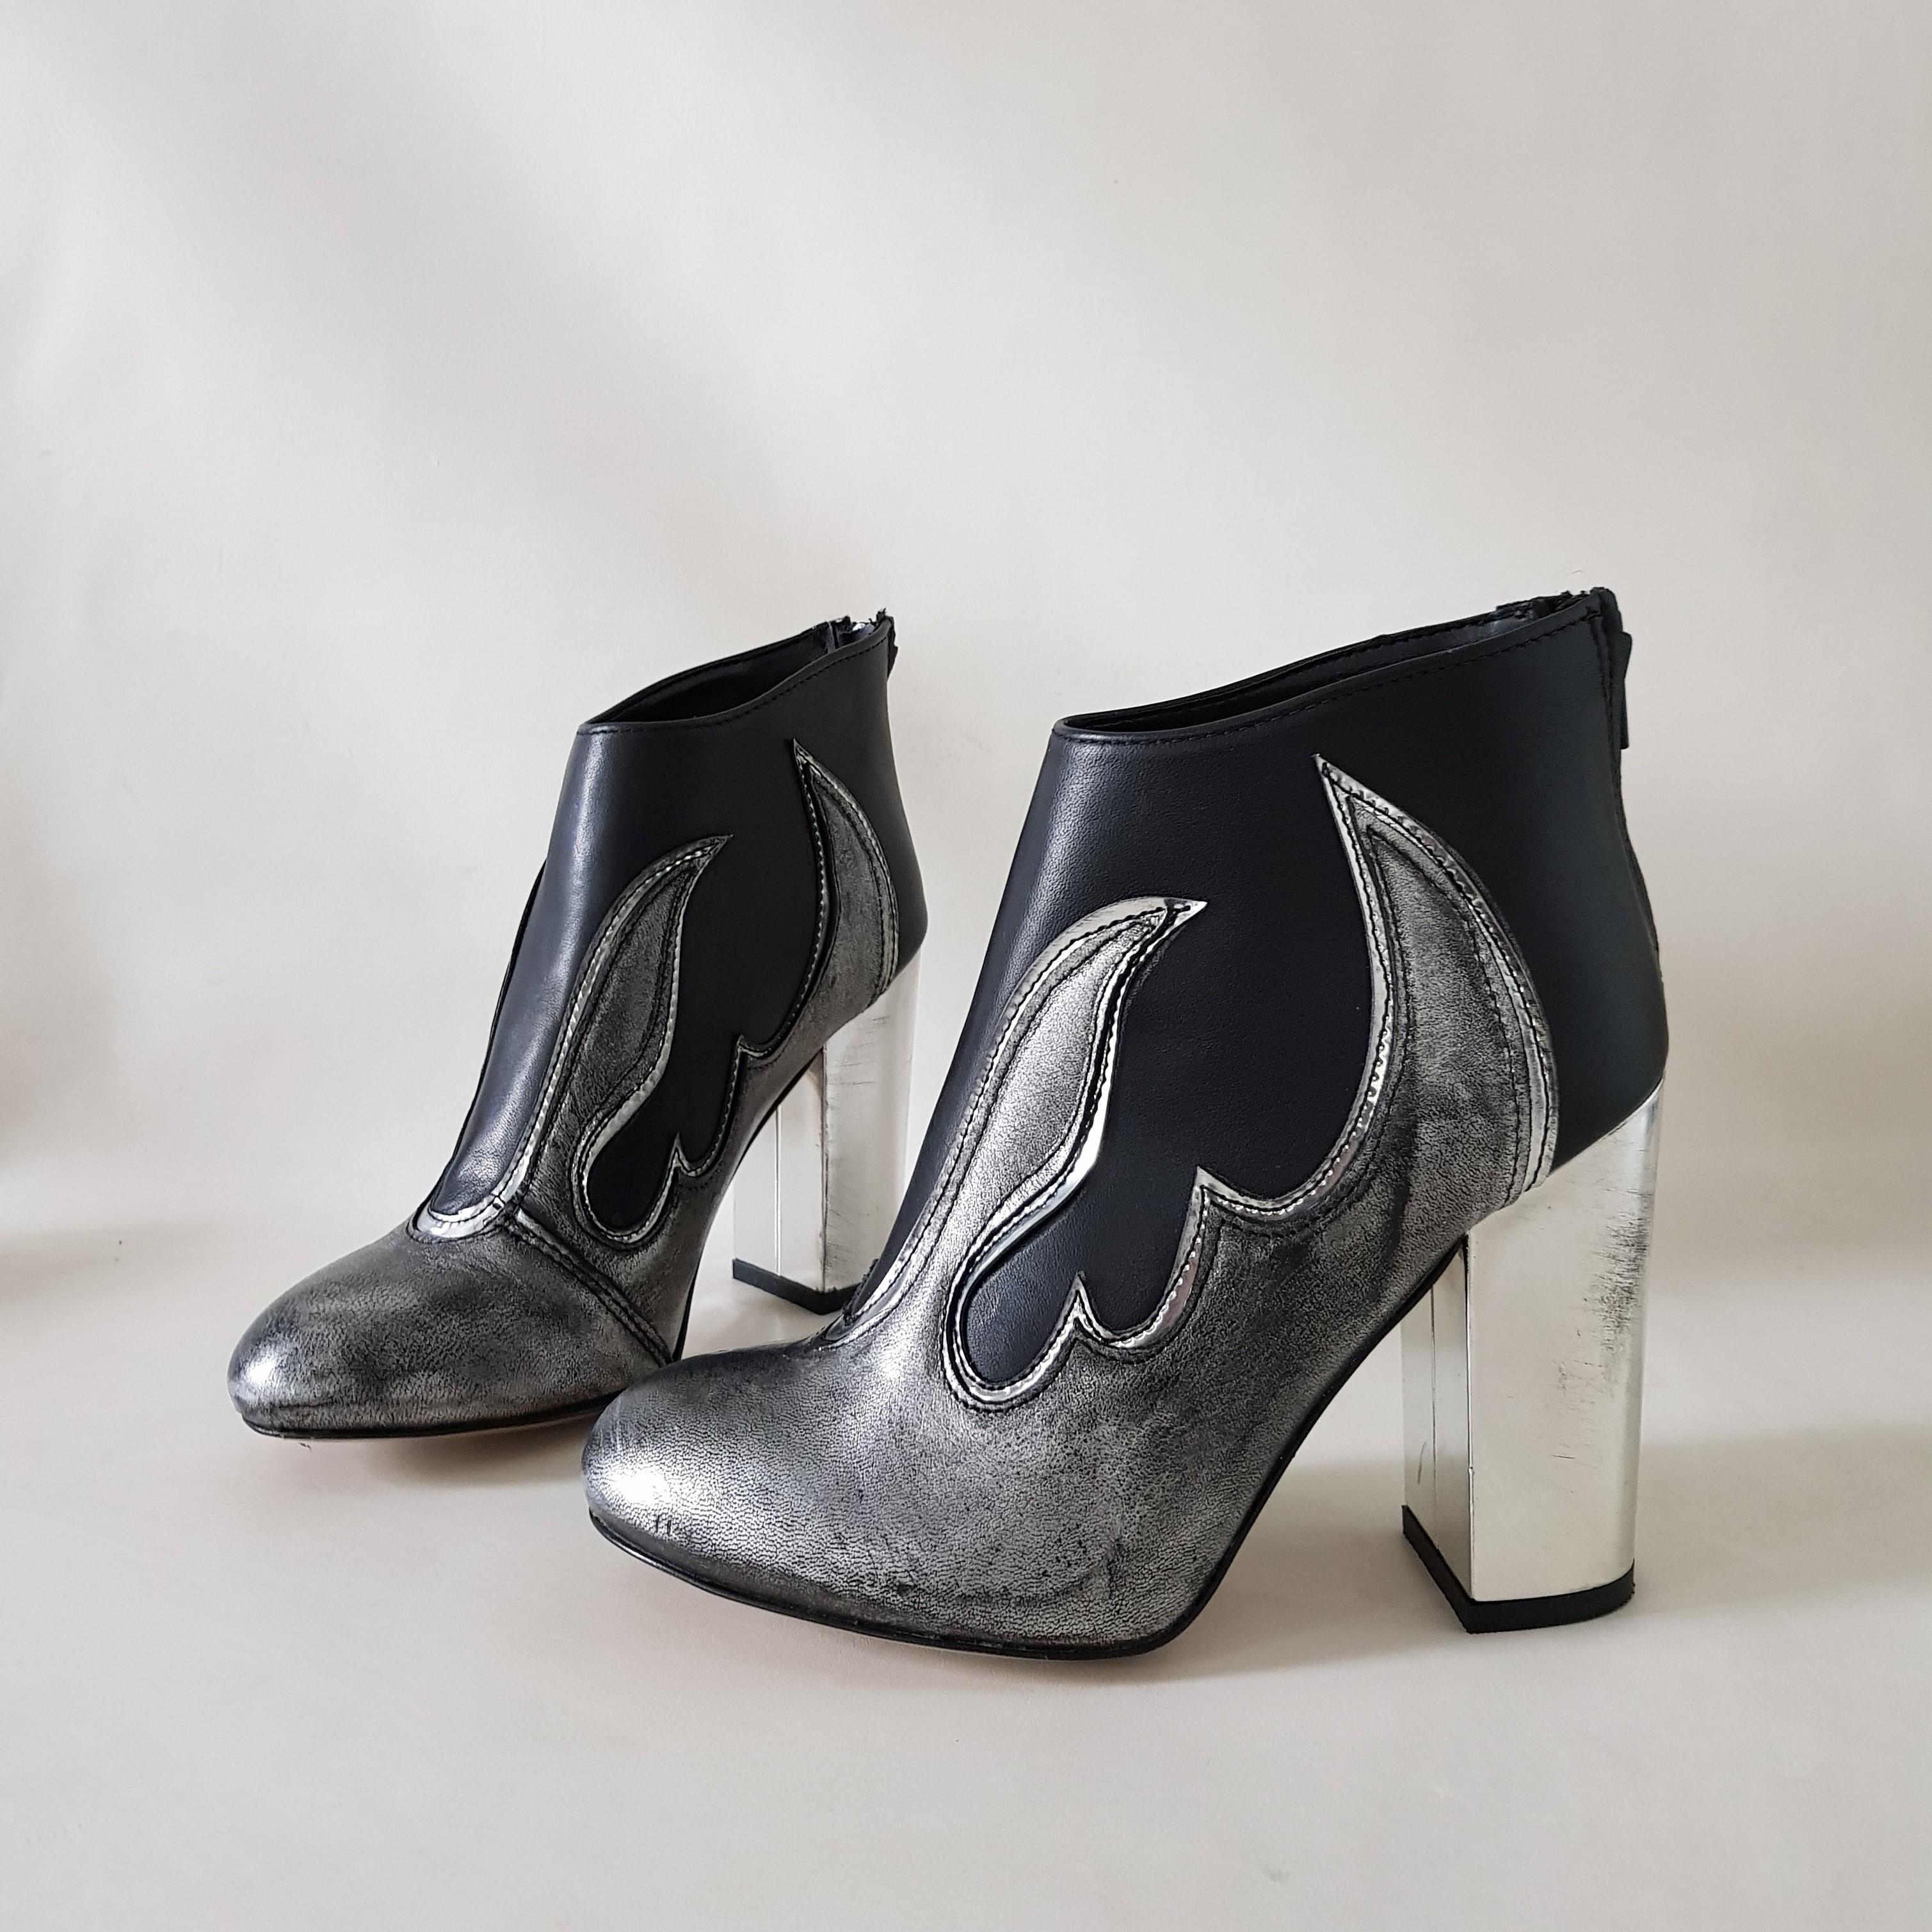 Tronchetto camoscio nero e pelle antracite flame - Lia diva calzature ...